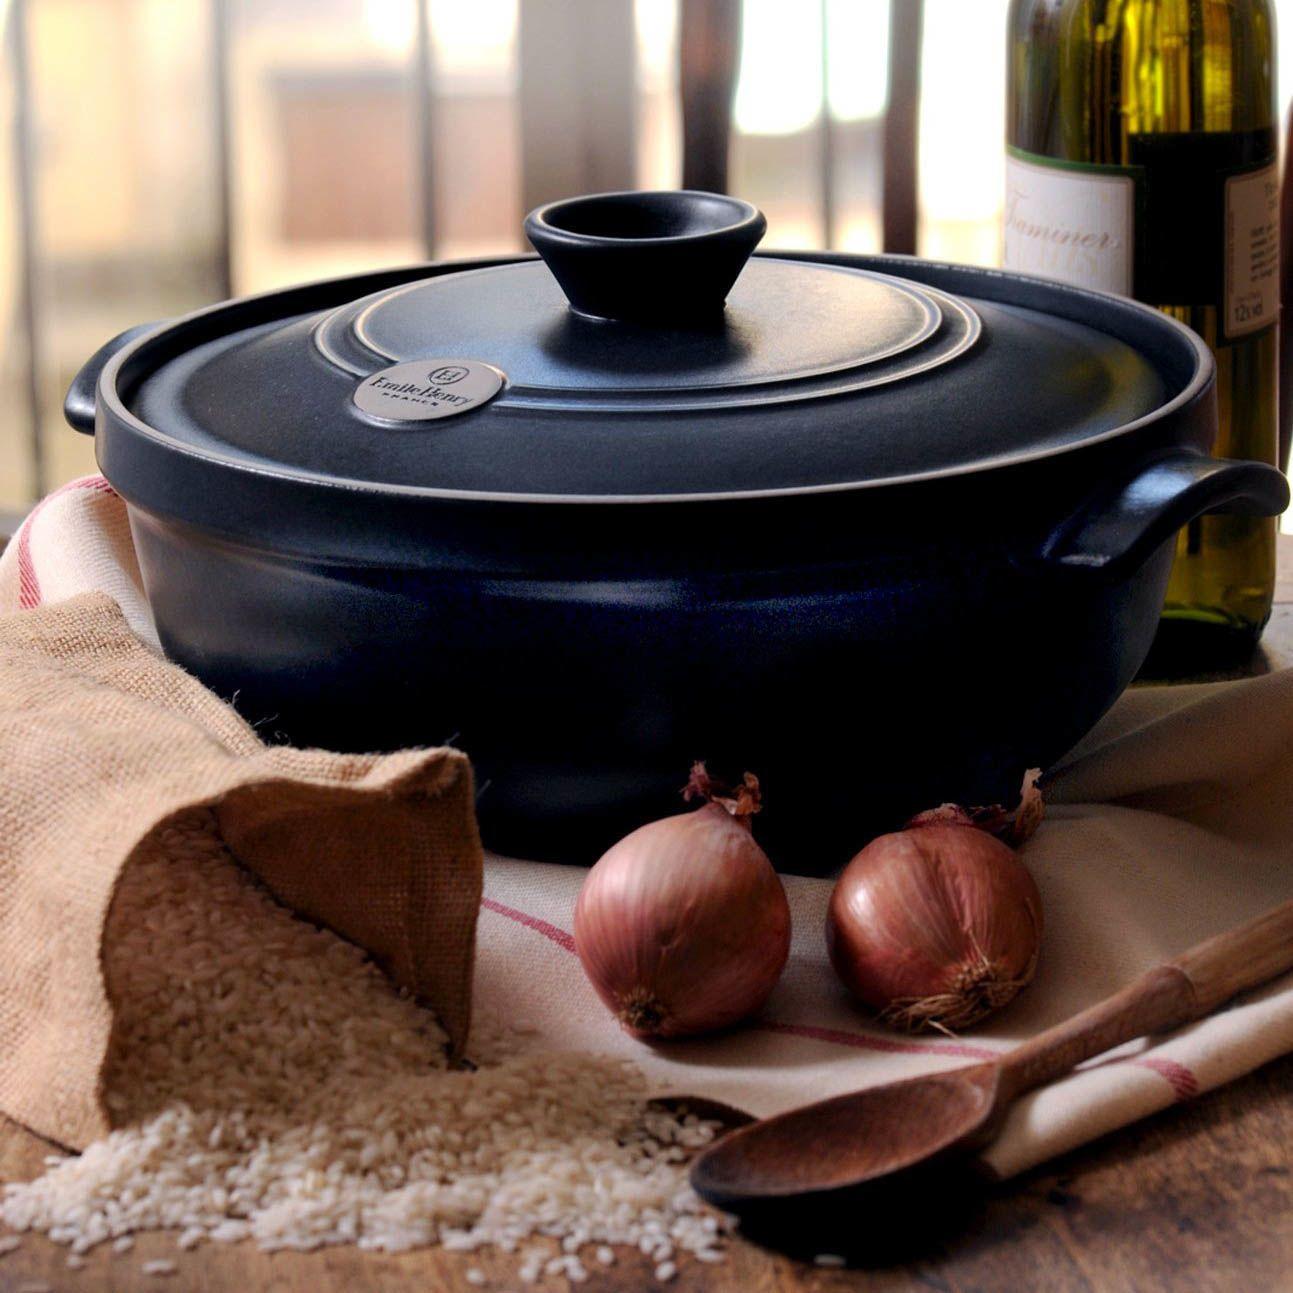 Казан Emile Henry Flame керамический жаропрочный 2,4 л инжирного цвета Figue